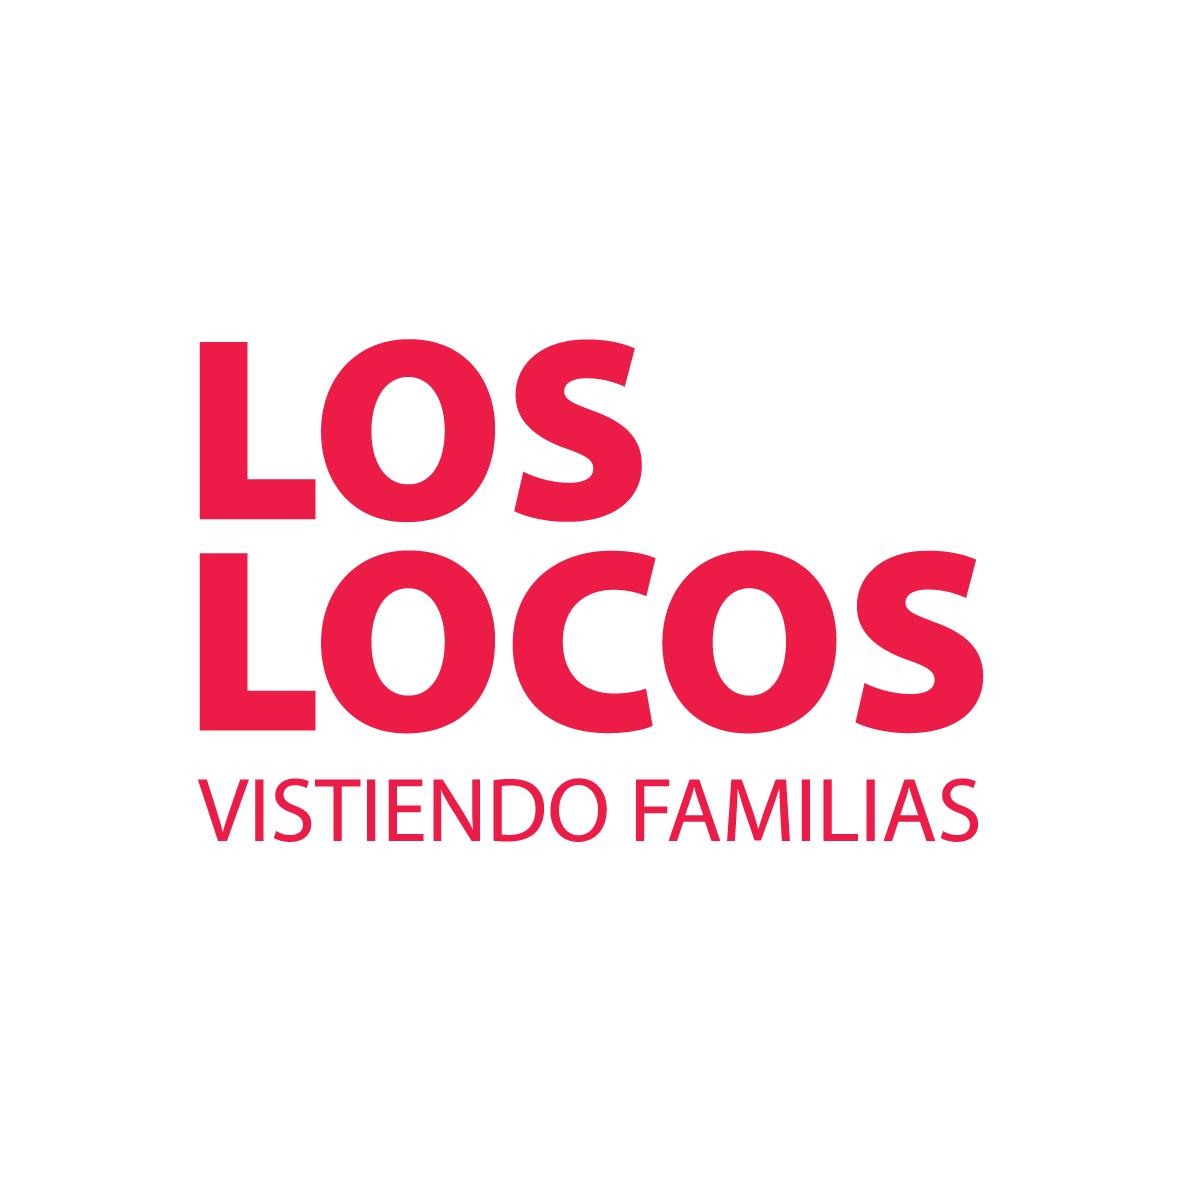 LOS LOCOS, armá tu propia franquicia